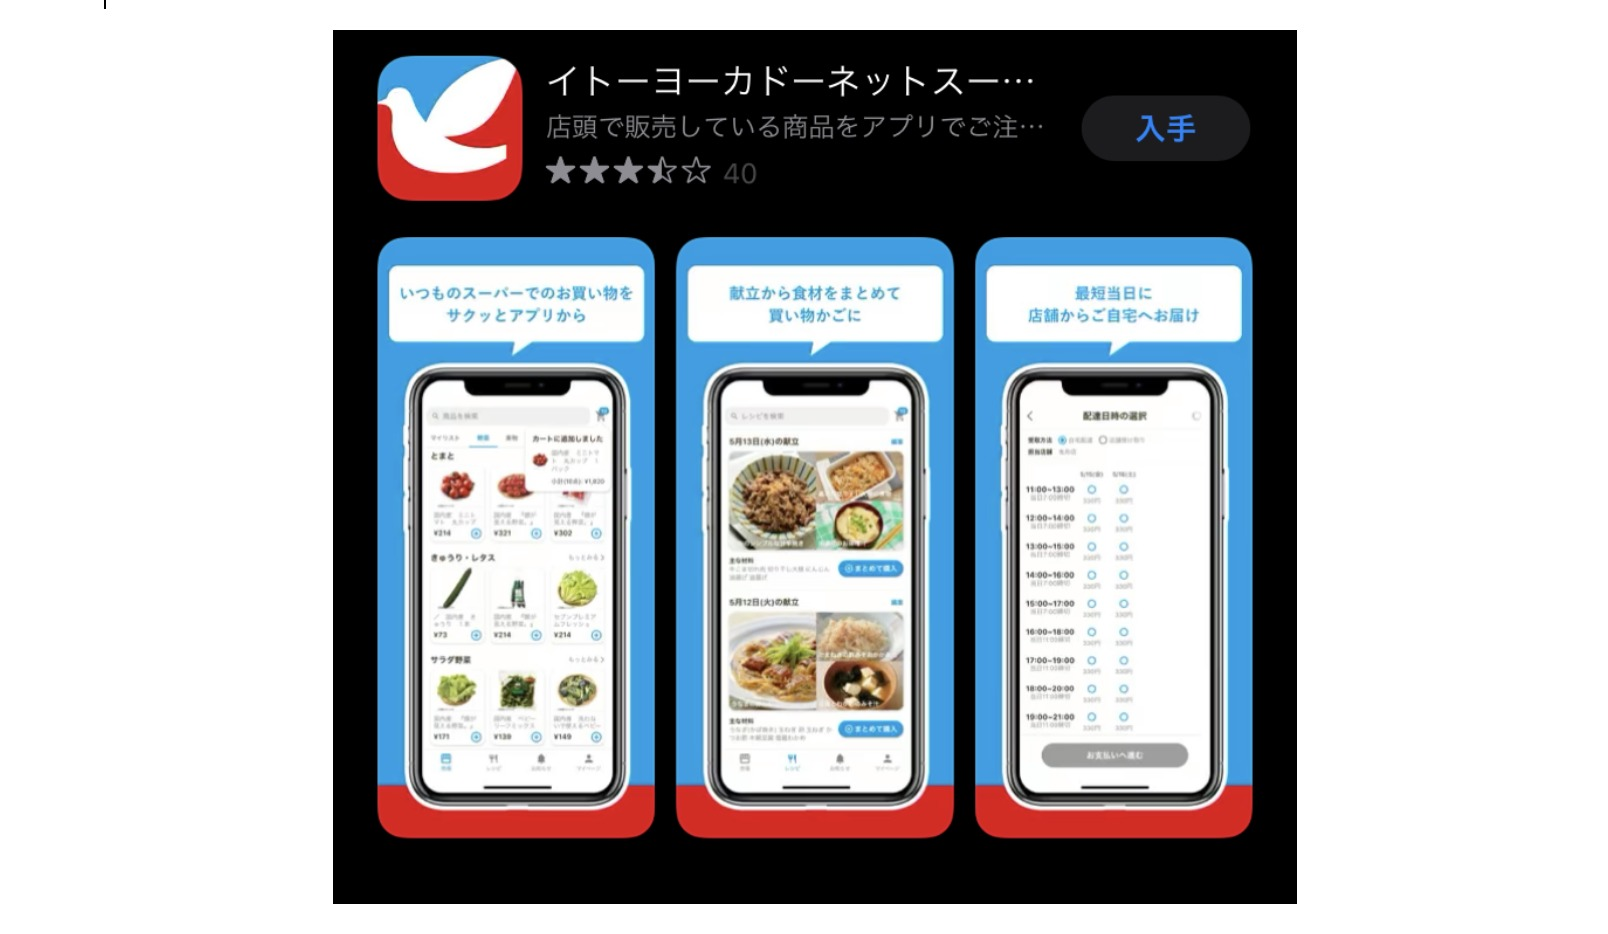 イトーヨーカドー「ネットスーパー アプリ」は食品小売のDX化を進めるか